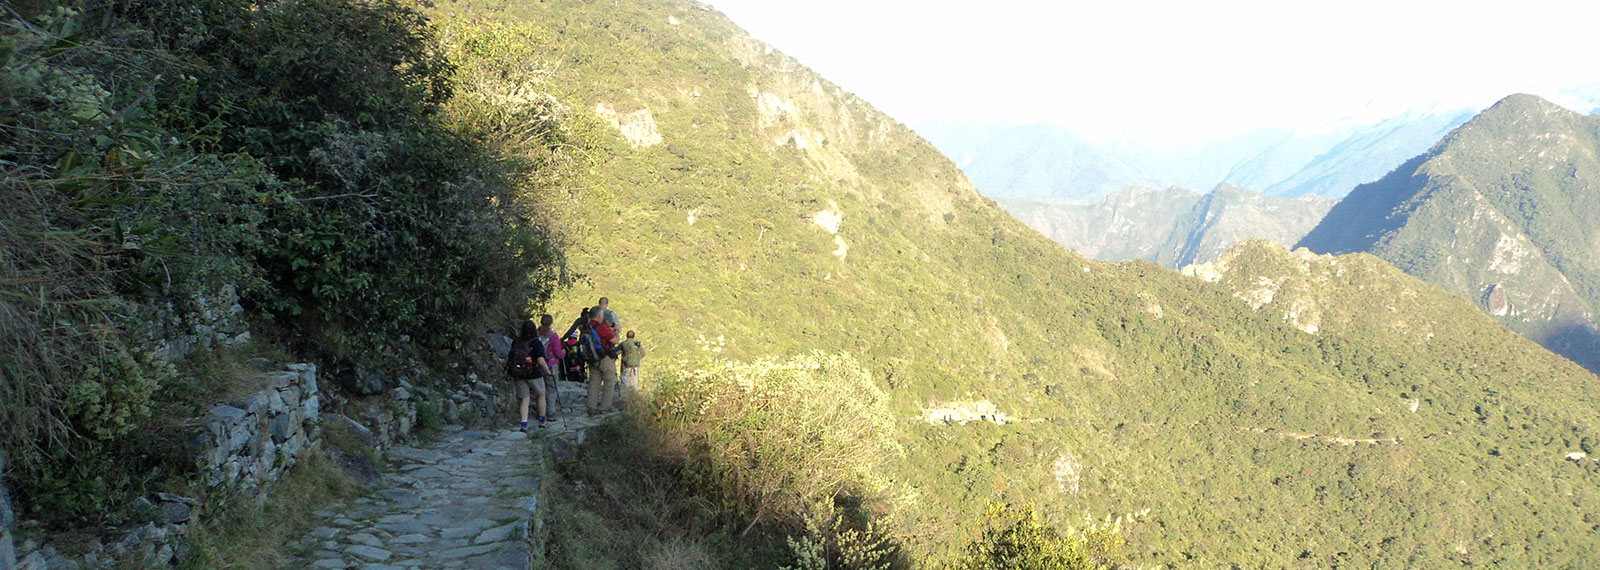 Inti puncu inca trail